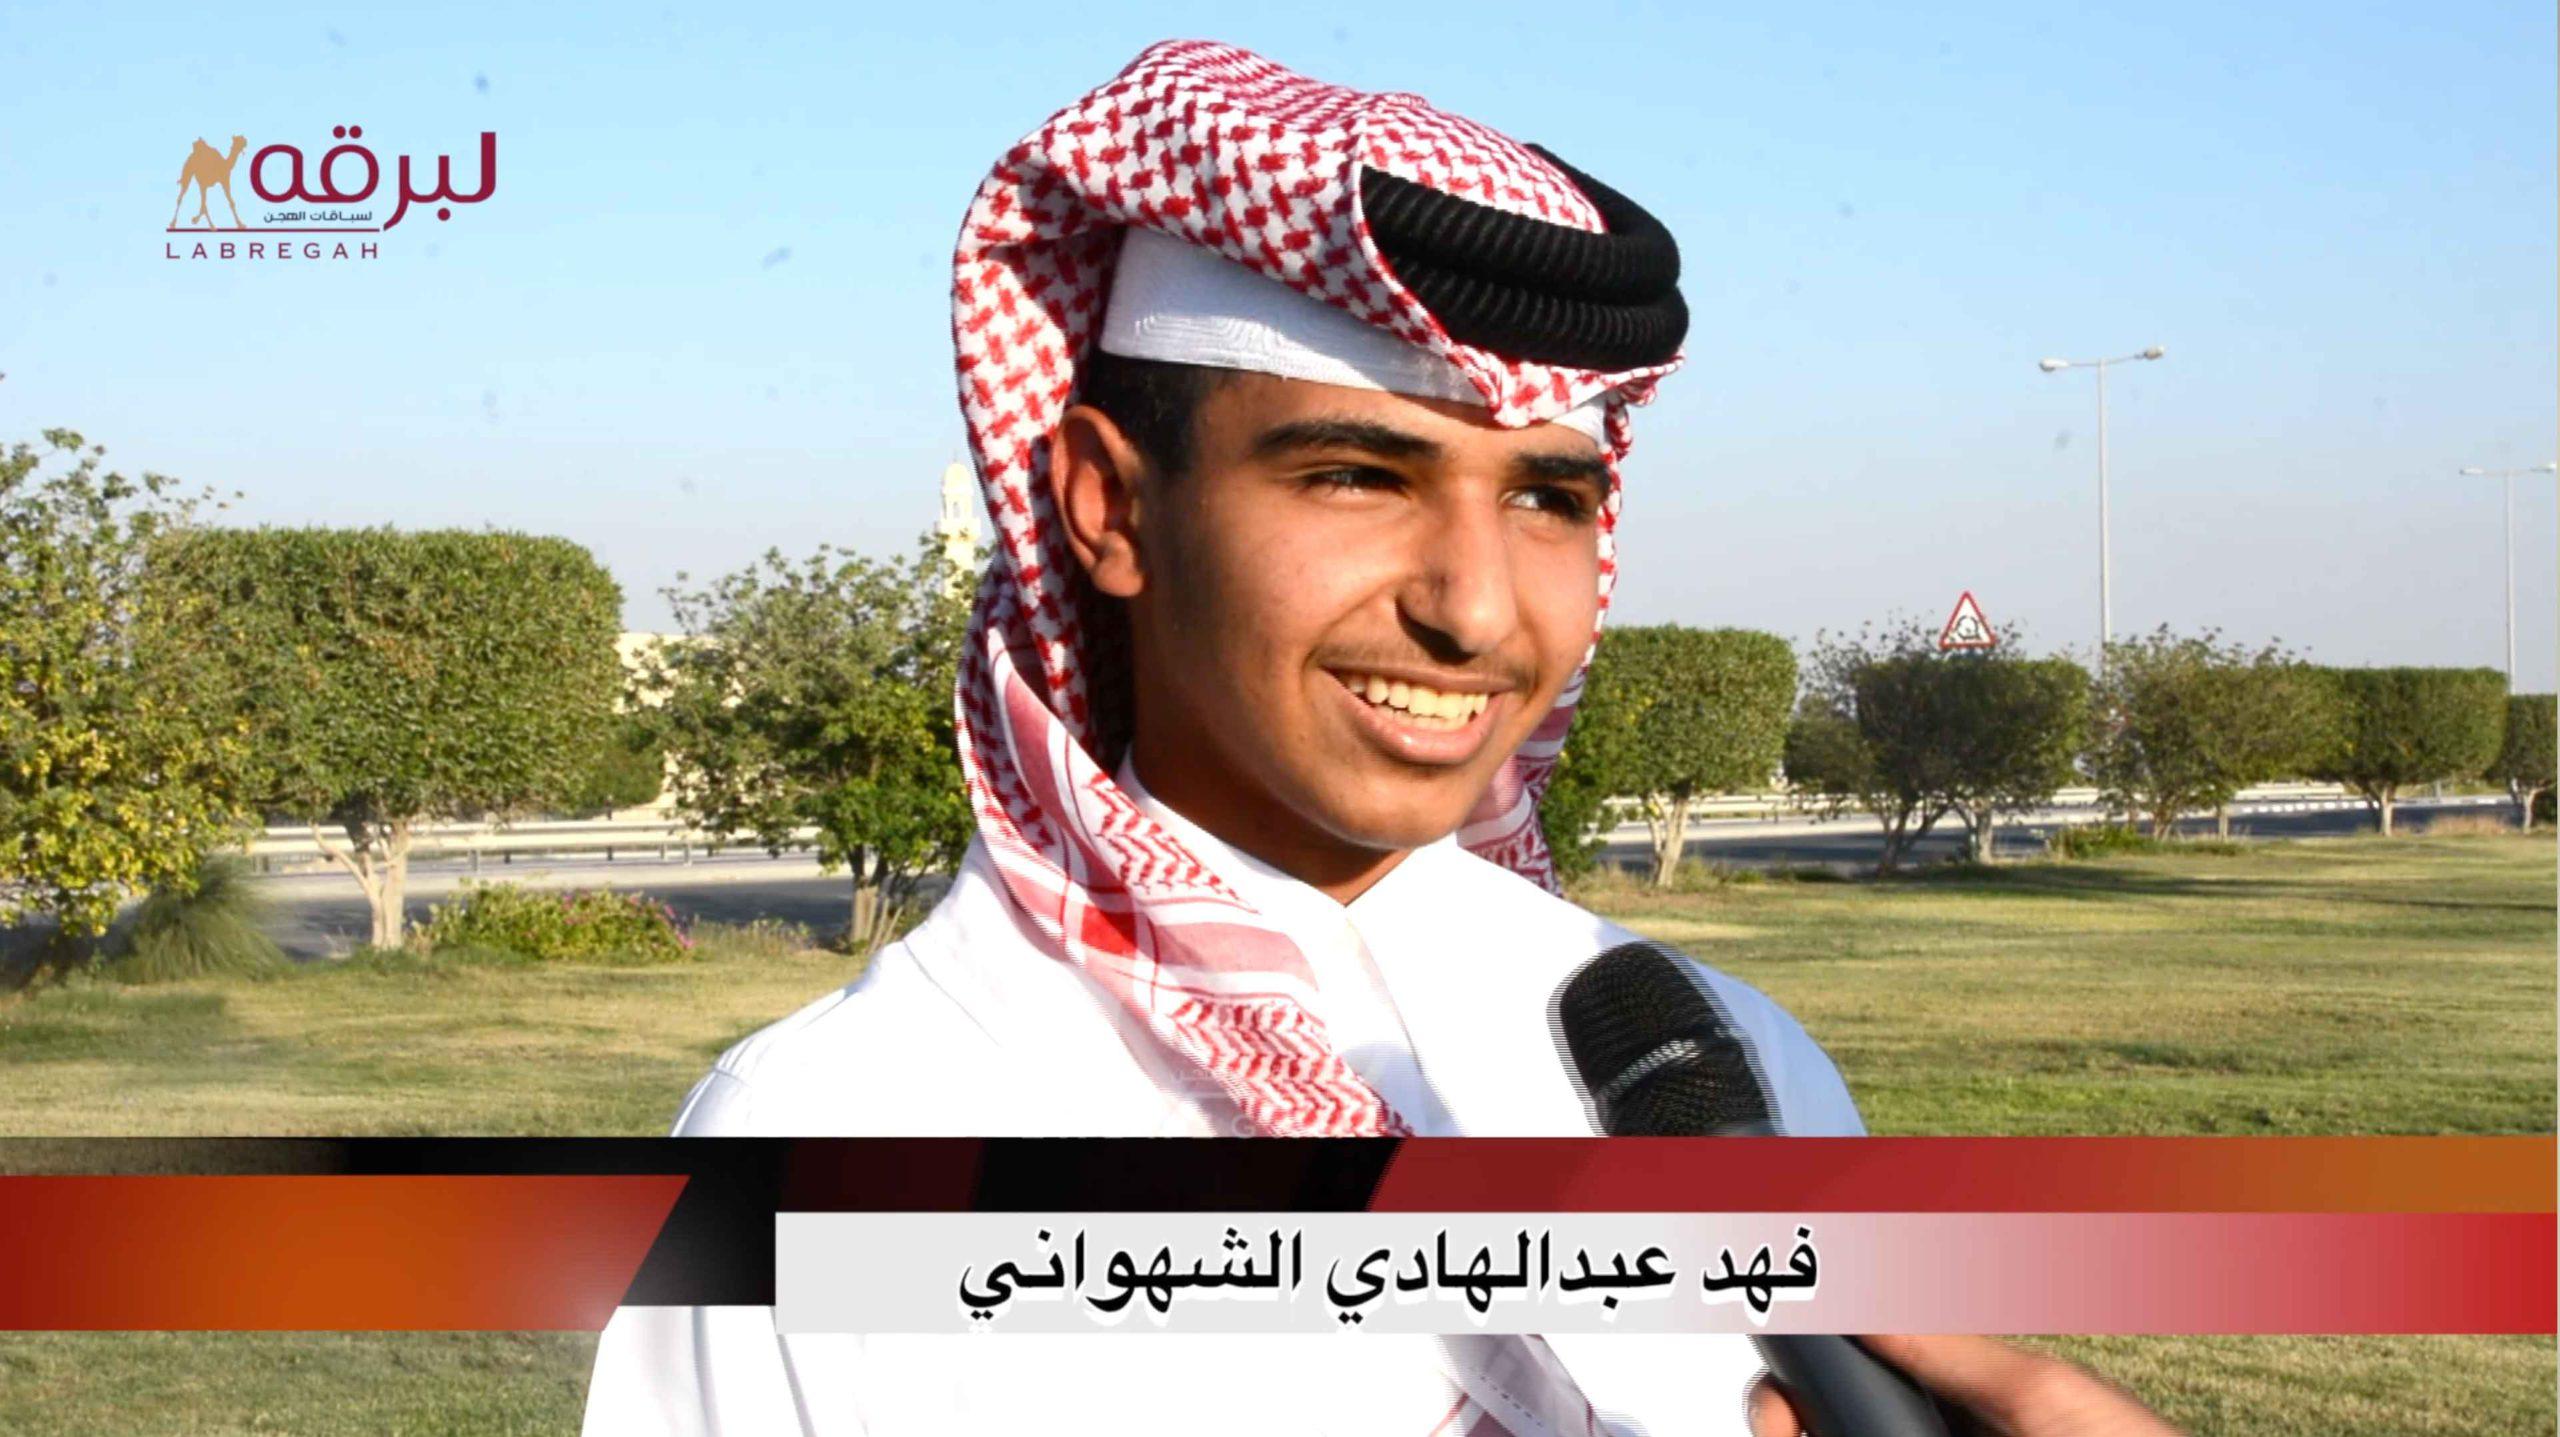 لقاء مع فهد بن عبدالهادي الشهواني.. الشوط الرئيسي للحقايق قعدان إنتاج الأشواط العامة مساء ٢٢-١٠-٢٠٢٠